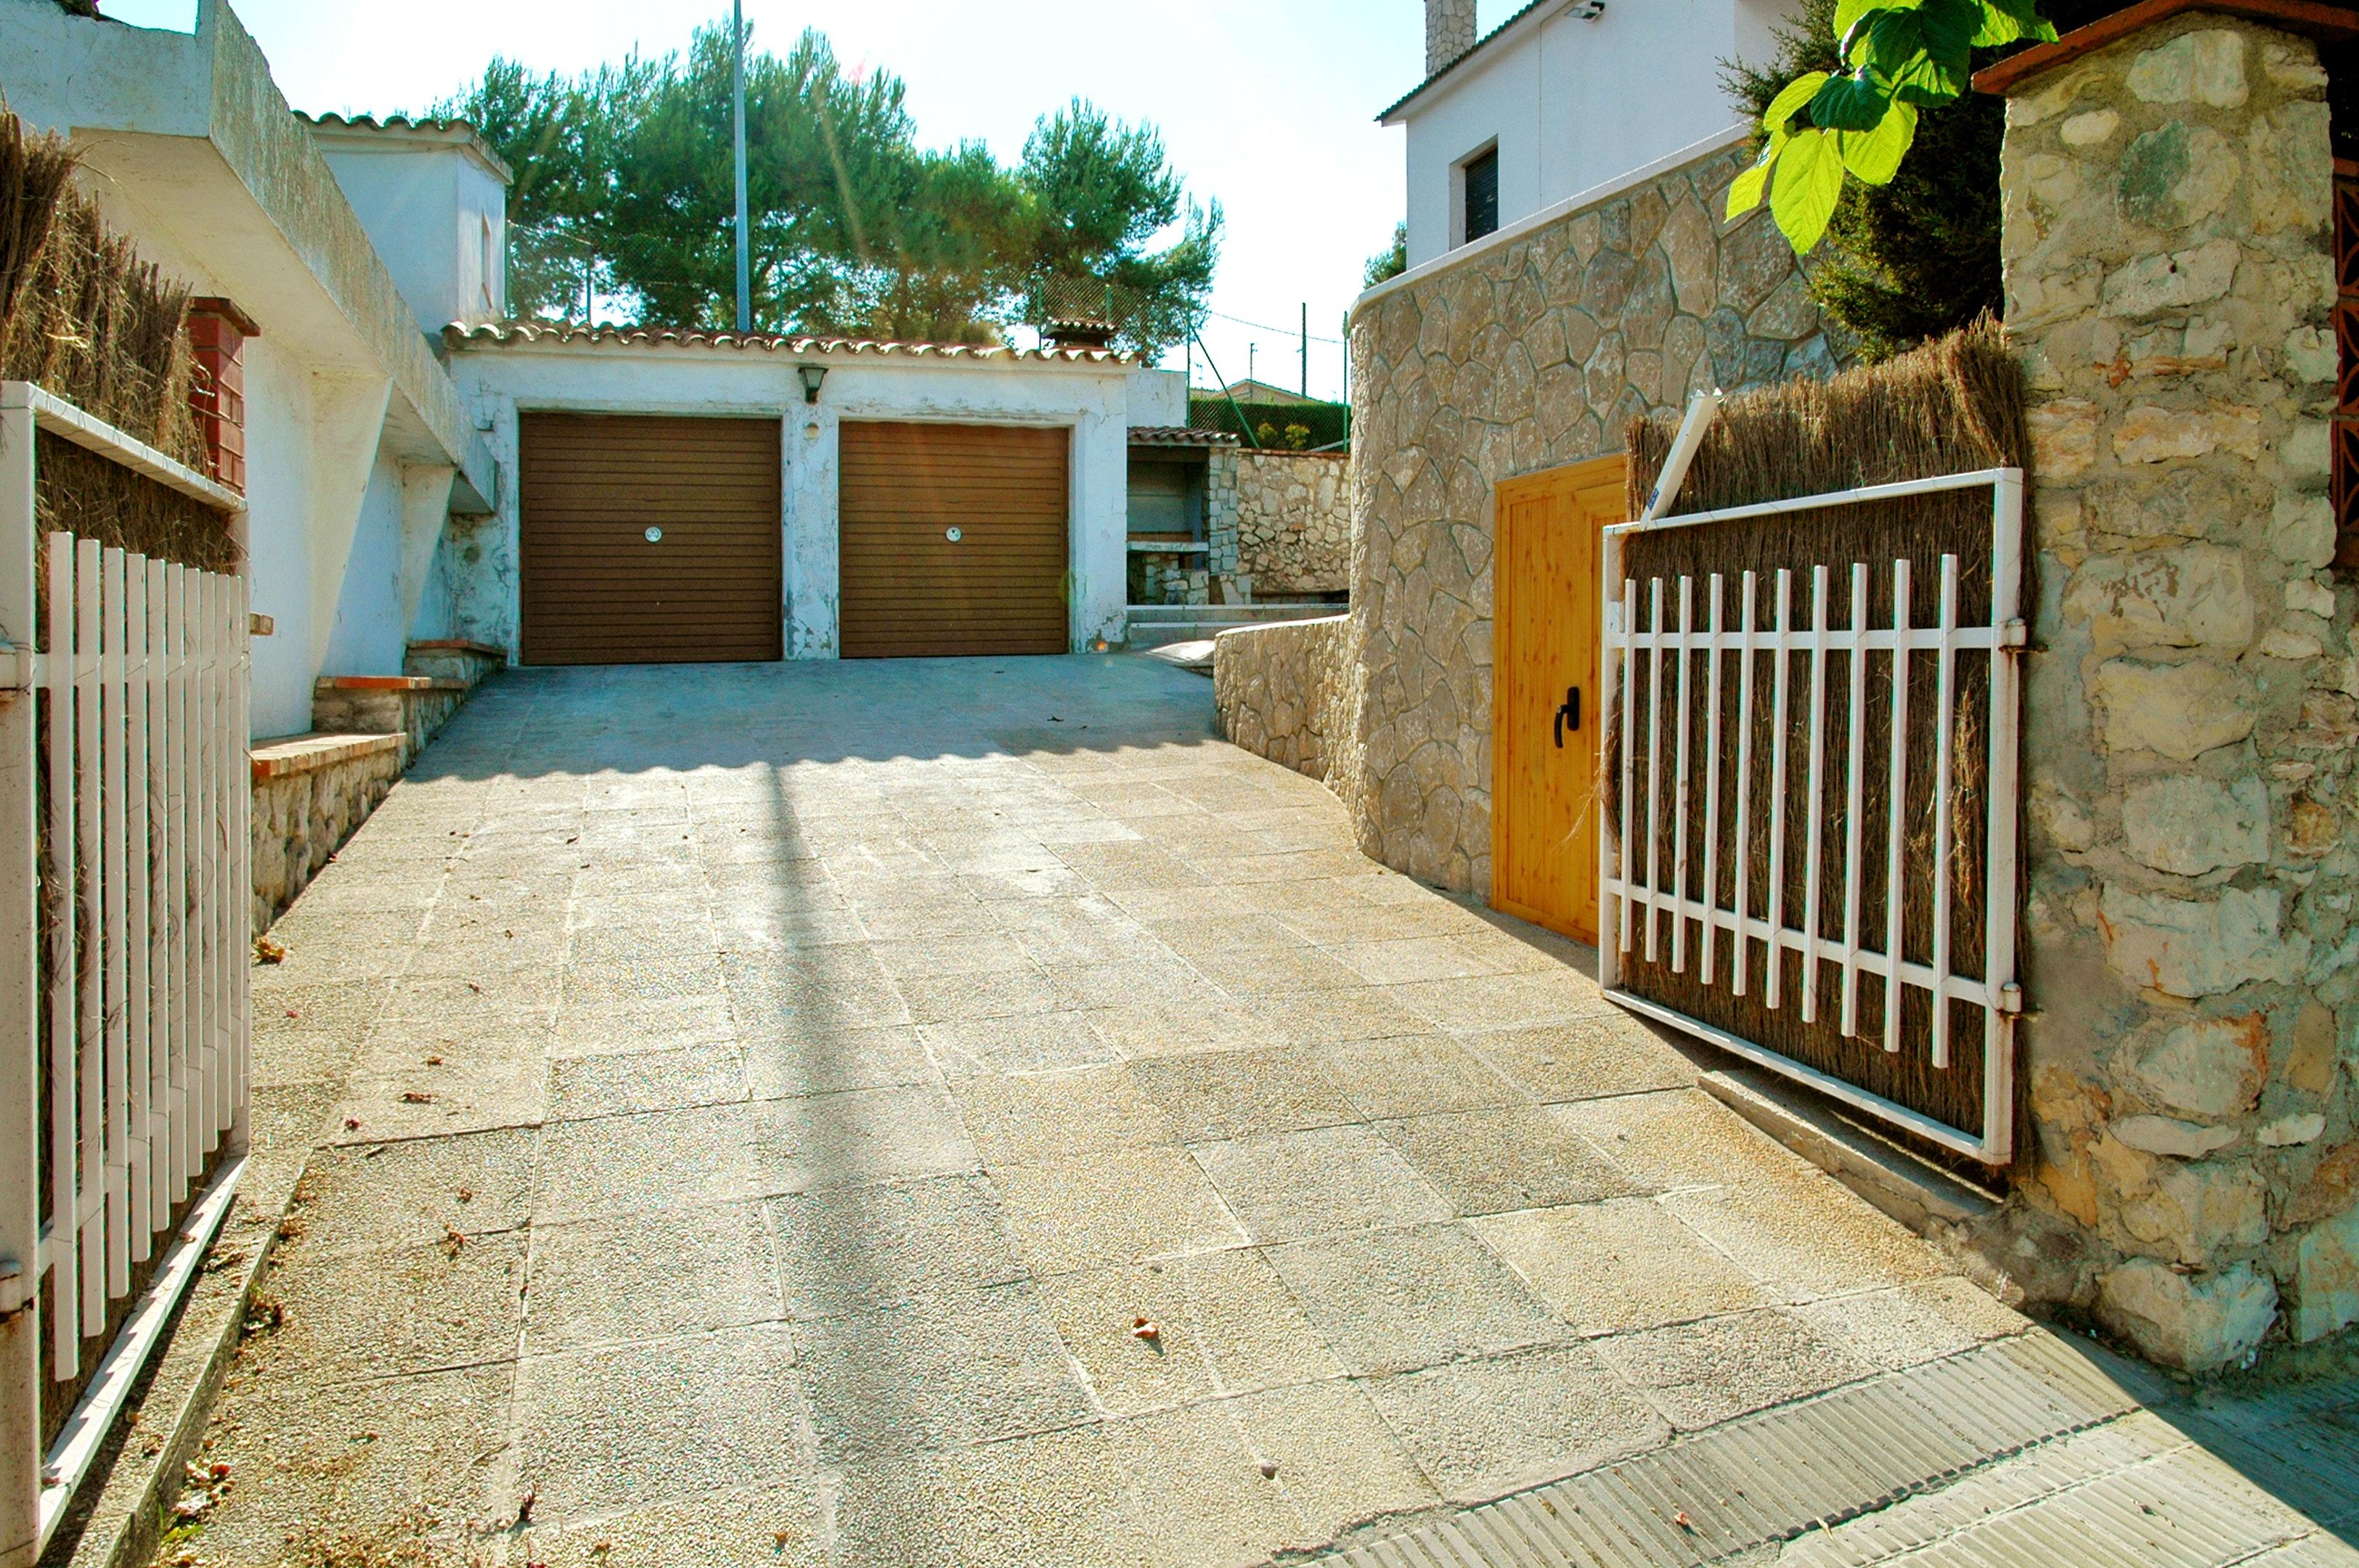 Ferienhaus Villa mit 6 Schlafzimmern in Canyelles mit toller Aussicht auf die Berge, privatem Pool, e (2339365), Canyelles, Costa del Garraf, Katalonien, Spanien, Bild 28